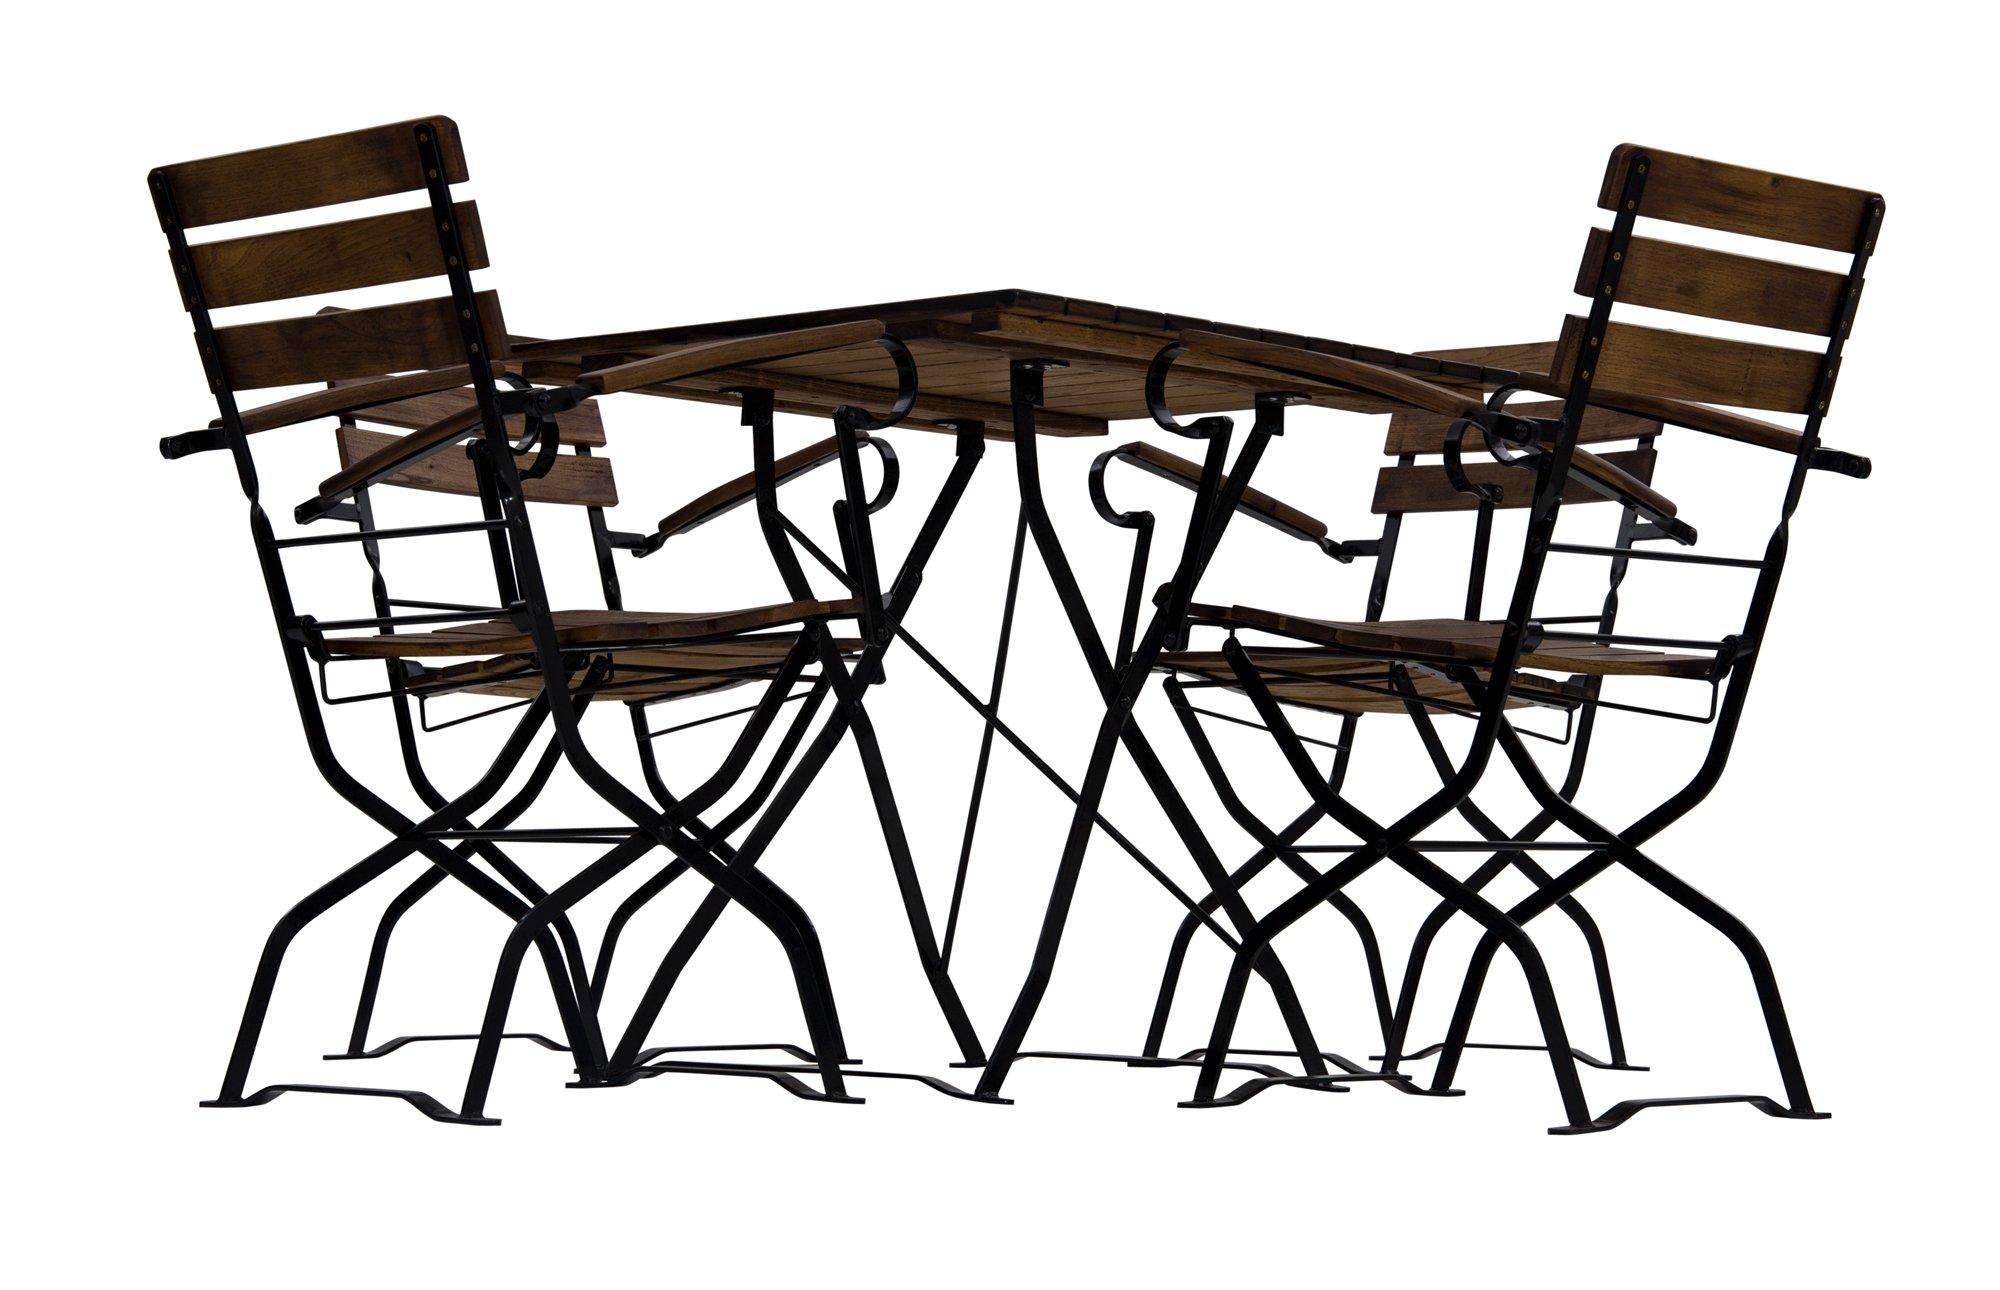 Biergartenmöbel Hersteller - Design